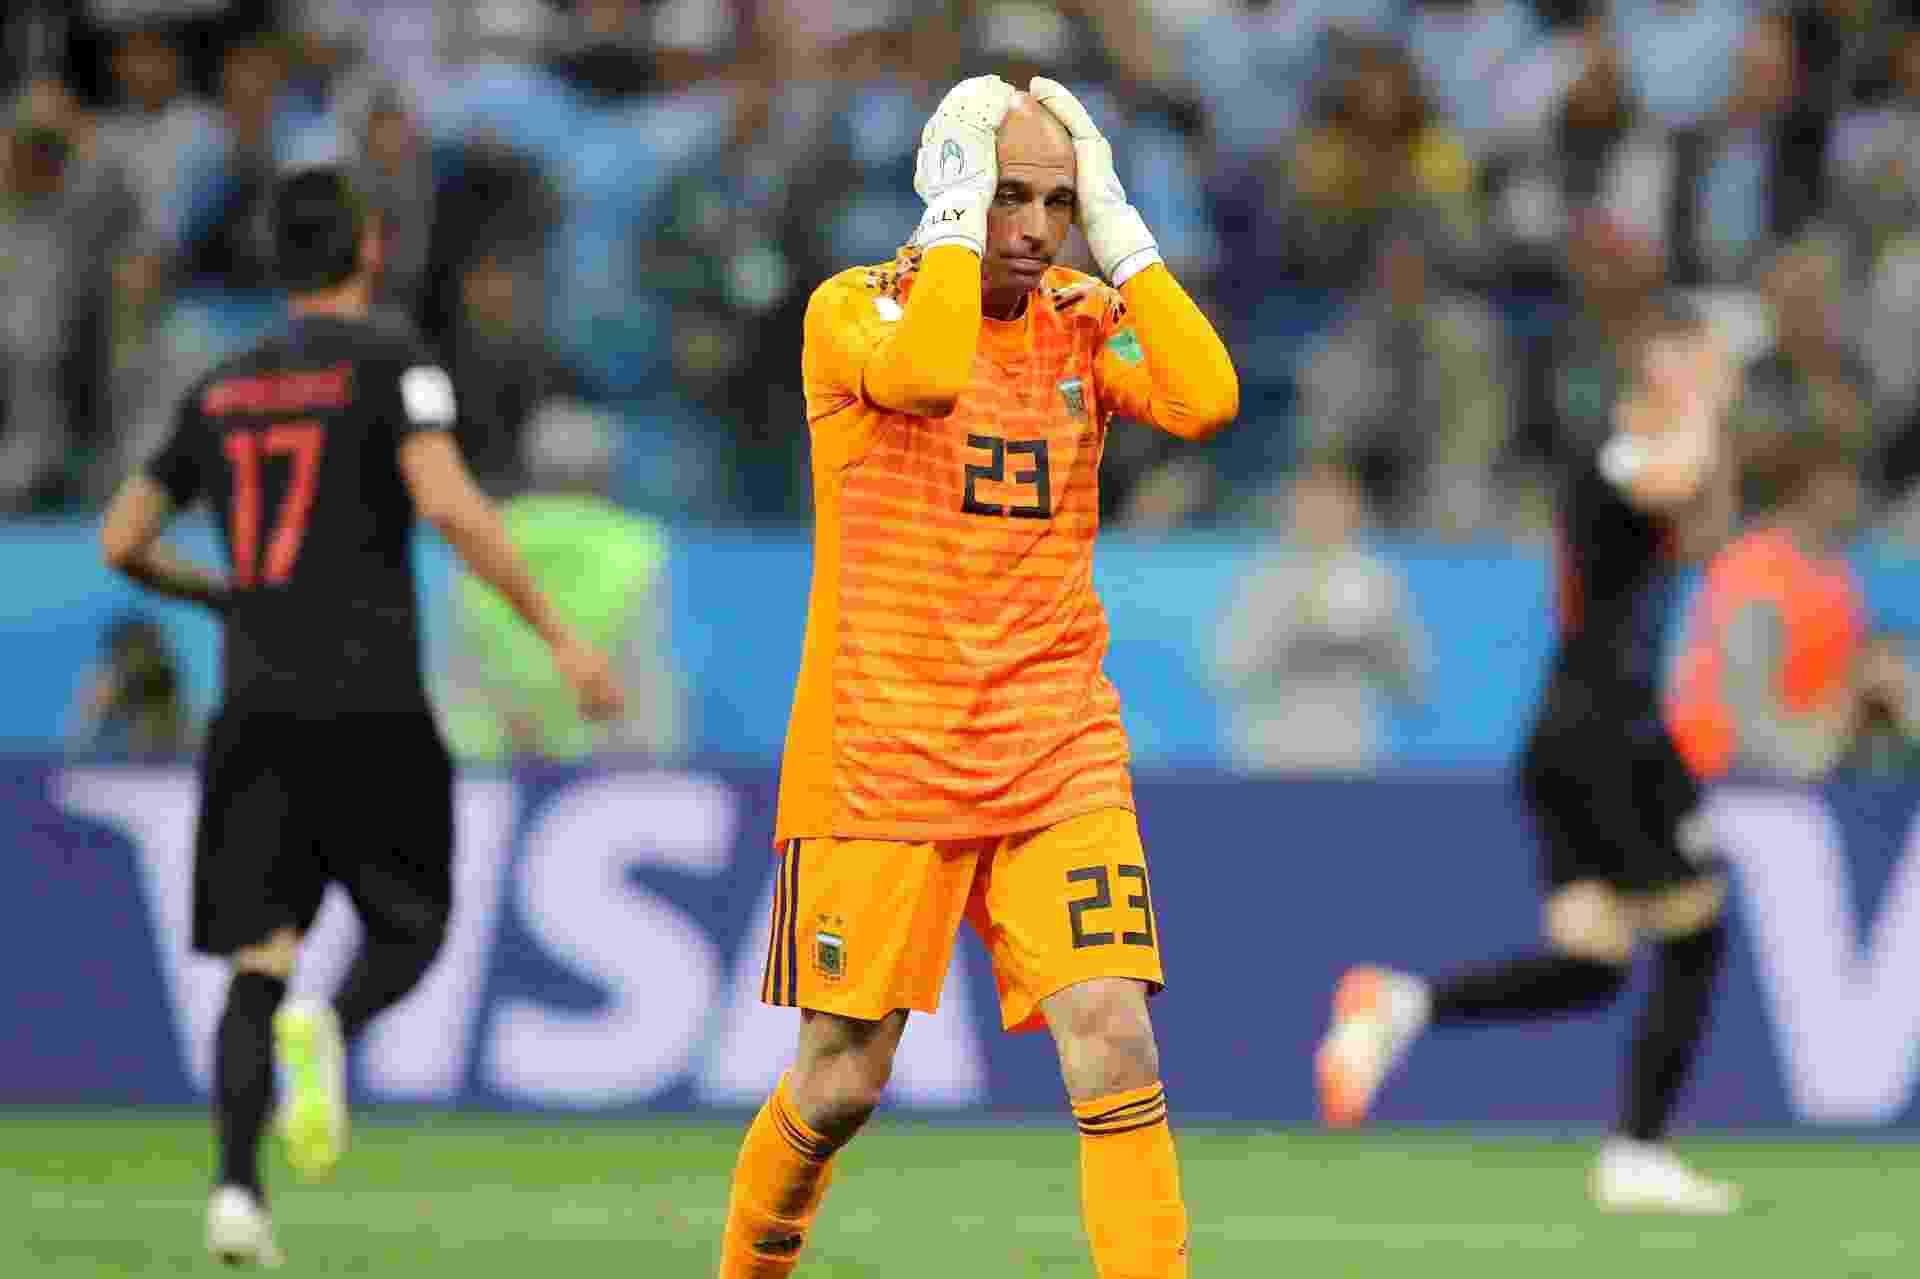 Willy Caballero lamenta falha que resultou no gol da Croácia diante da Argentina, em jogo pelo Grupo D da Copa do Mundo de 2018 - Elsa/Getty Images